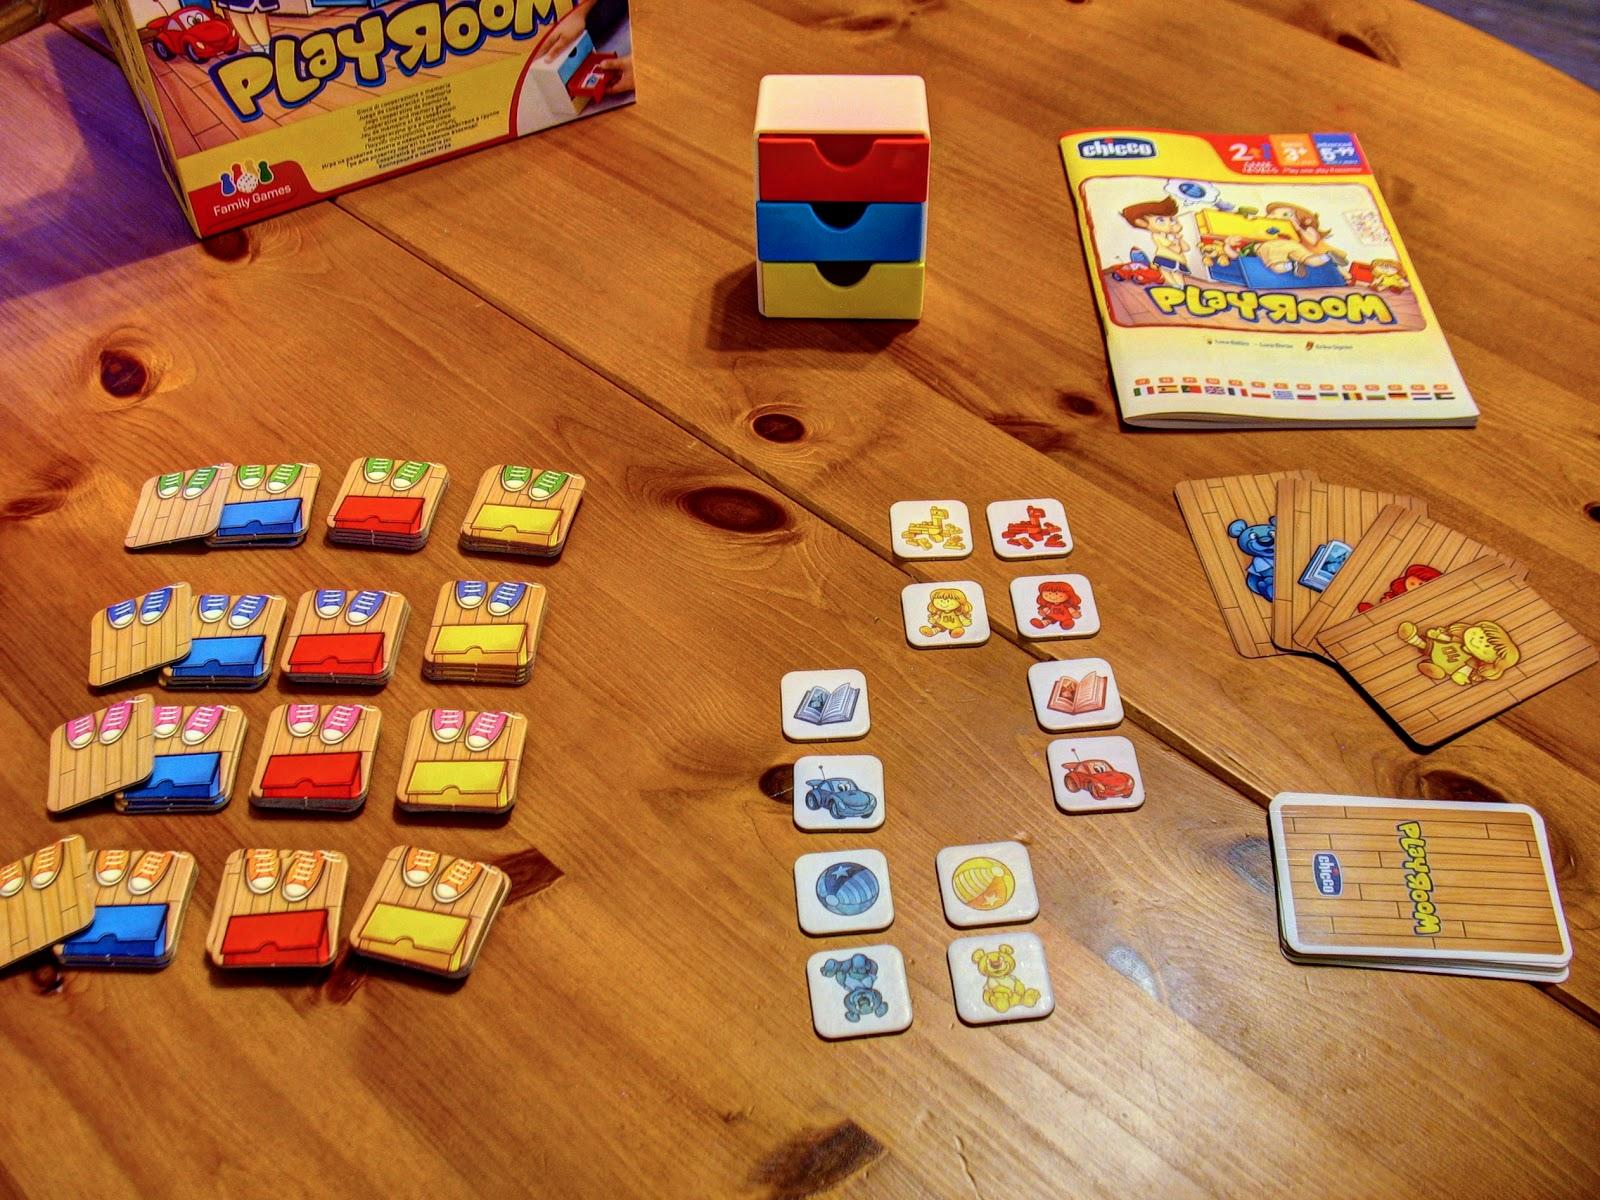 Camerette Chicco 2014 : Educereludendo: playroom quando mettere a posto la propria